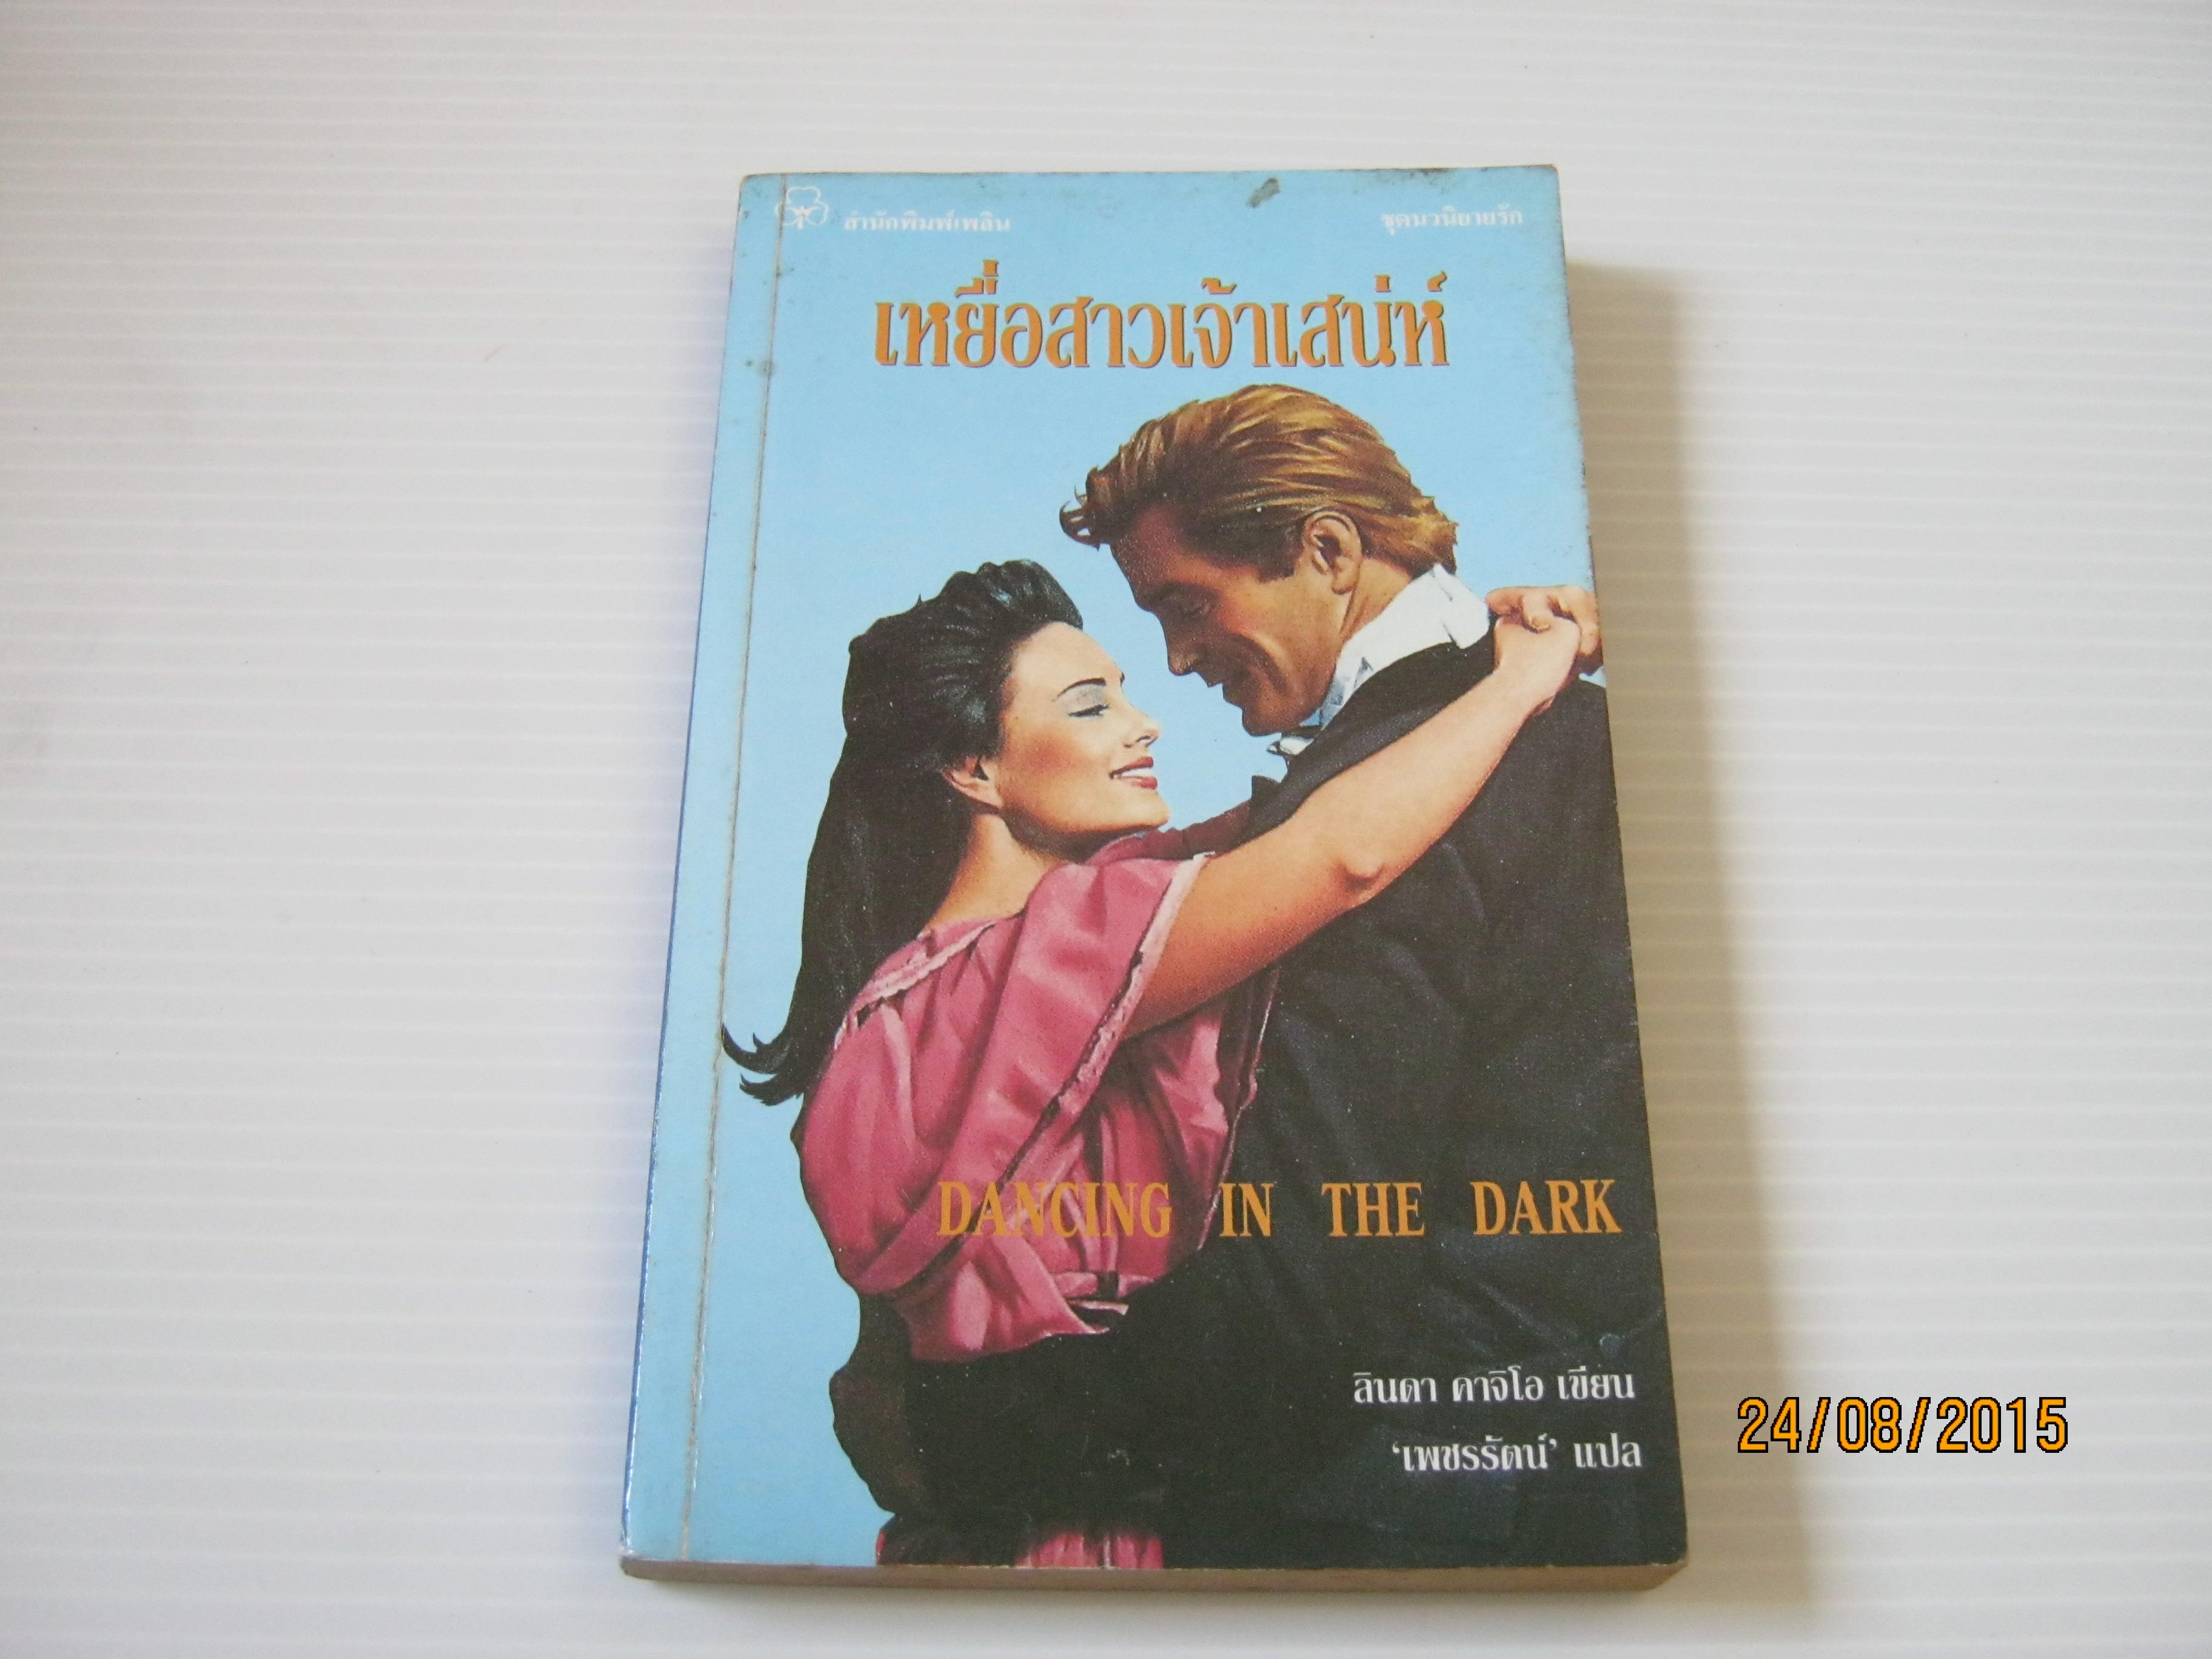 เหยื่อสาวเจ้าเสน่ห์ (Dancing In The Dark) ลินดา คาจิโอ เขียน เพชรรัตน์ แปล